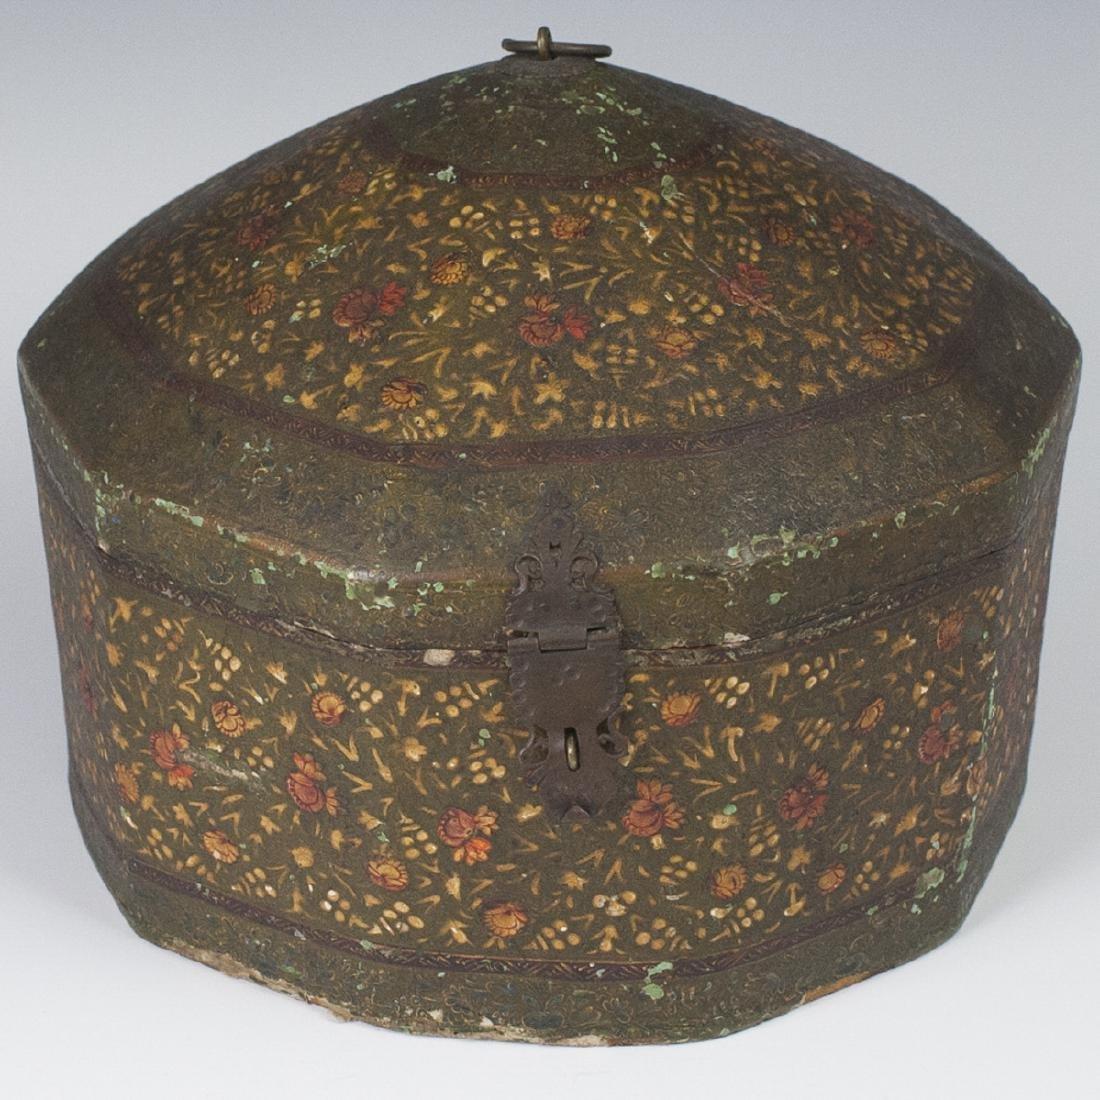 Persian Lacquered Papier Mache Turban Box